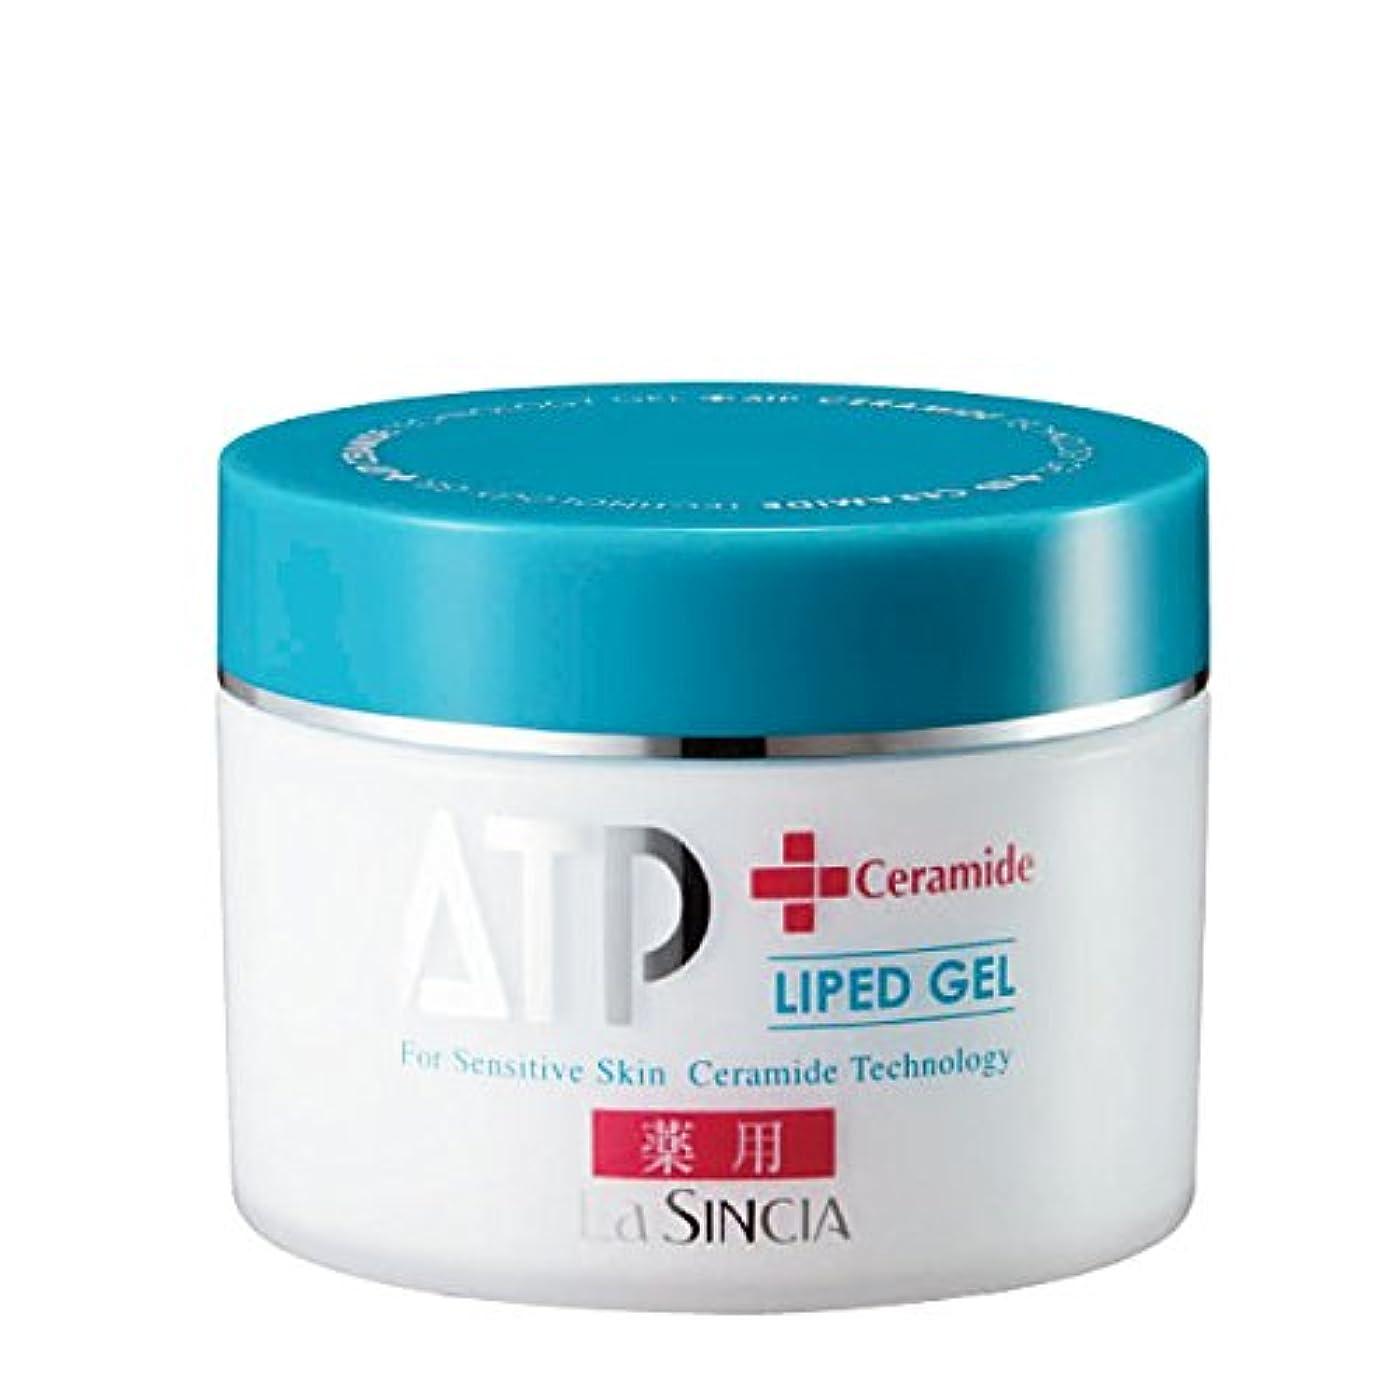 揺れる無能店員ラ・シンシア 薬用ATP リピッドゲル 200g (全身・頭皮・頭髪用保湿ゲルクリーム)